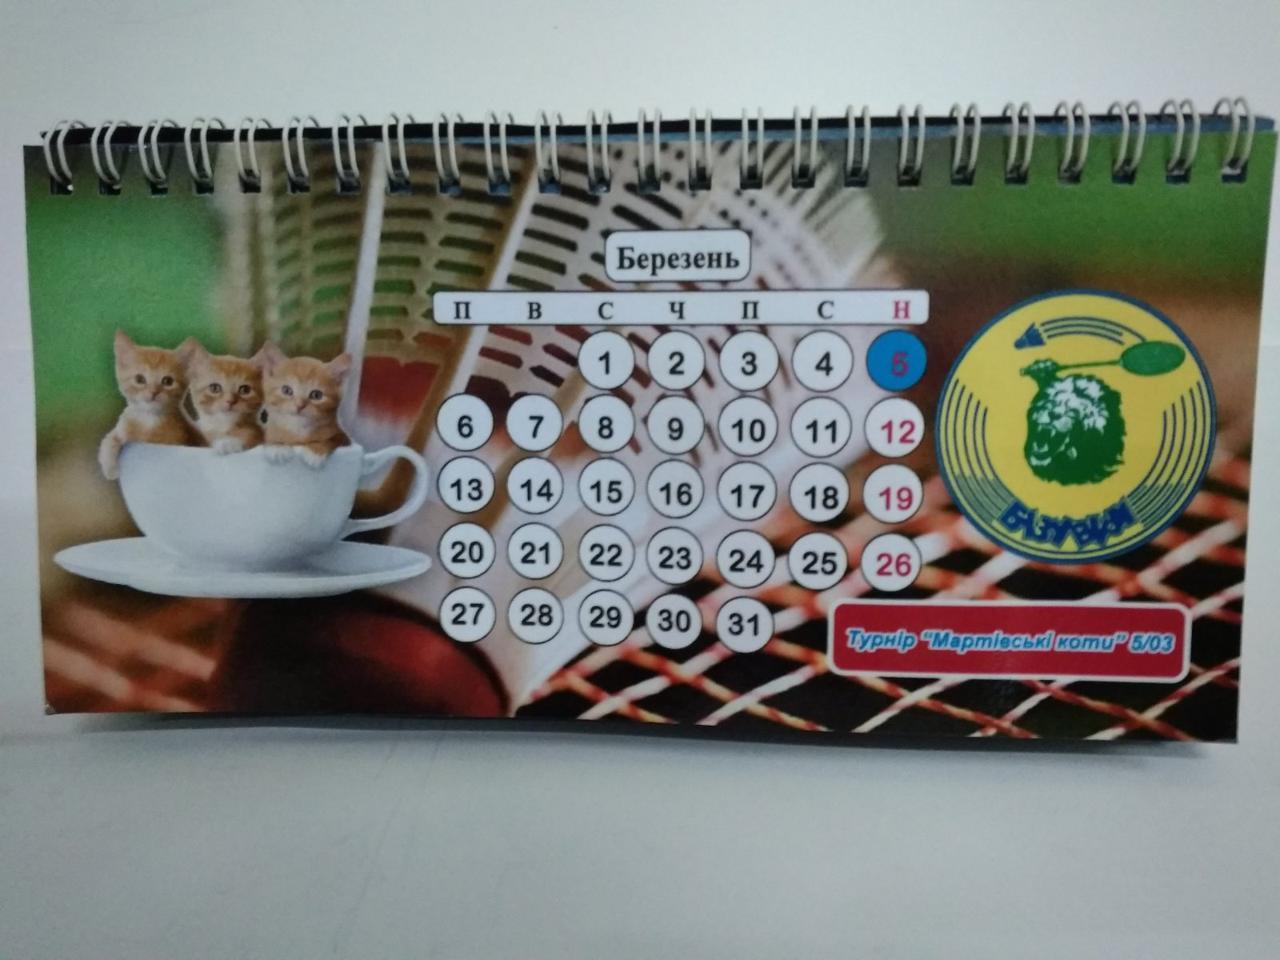 Друк календарів перекидних